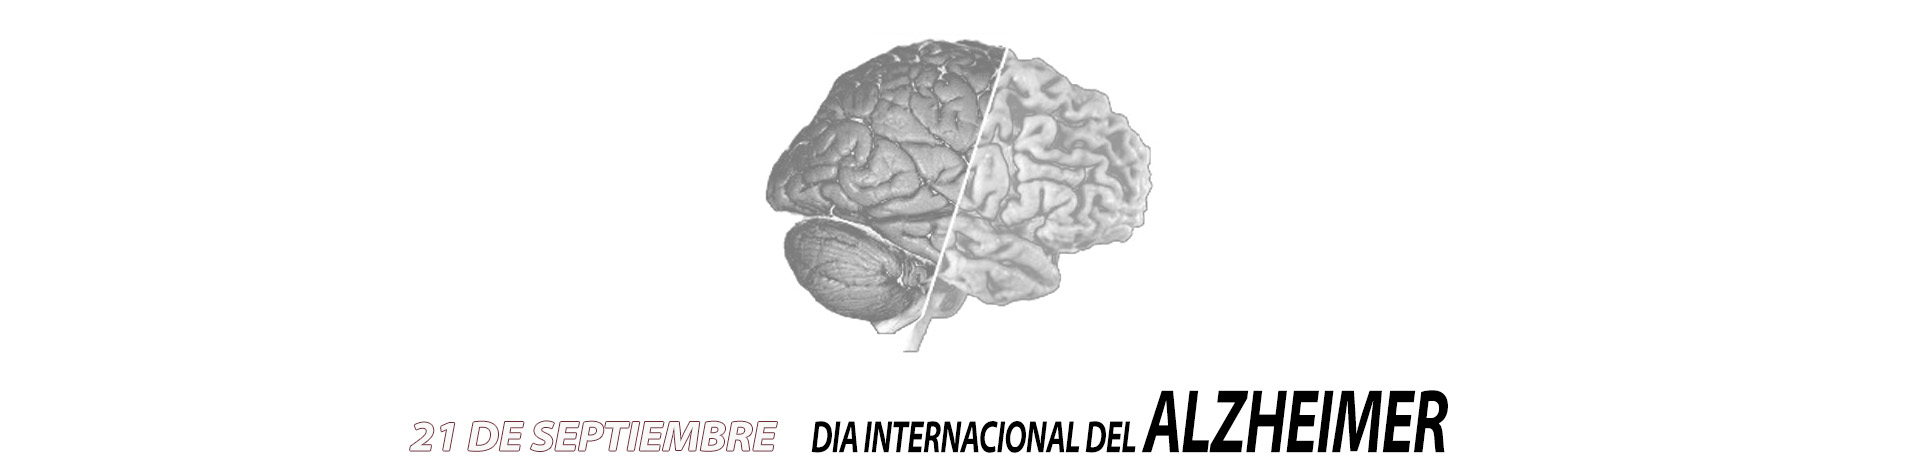 21 de septiembre, dia internacional del Alzheimer